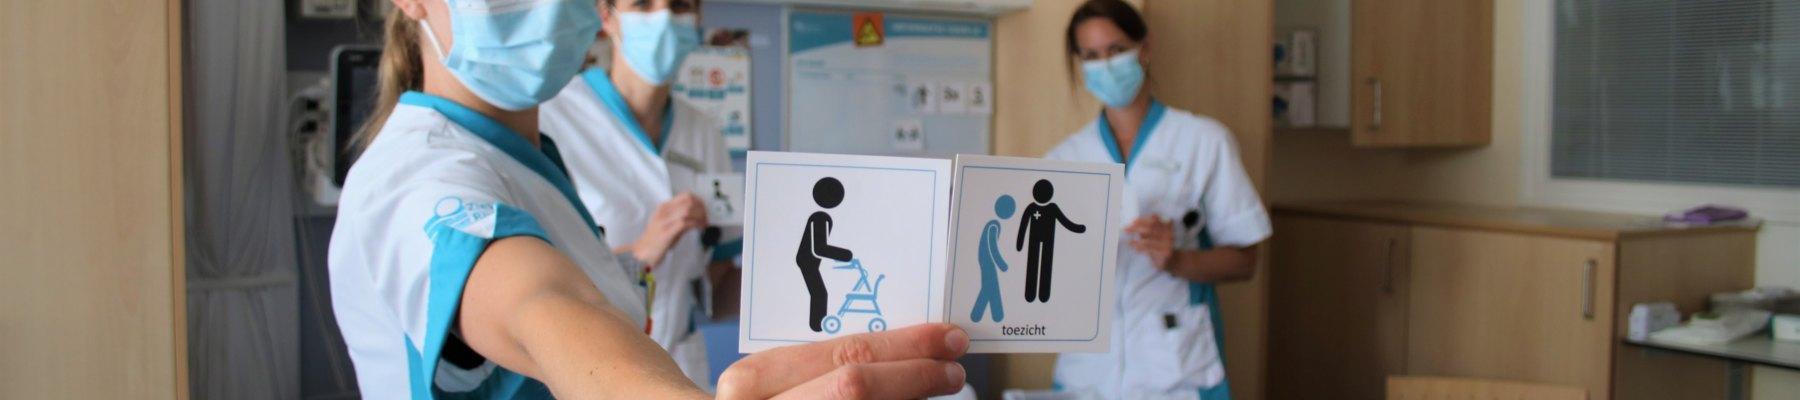 Pilot beweegbord op verpleegafdeling P1